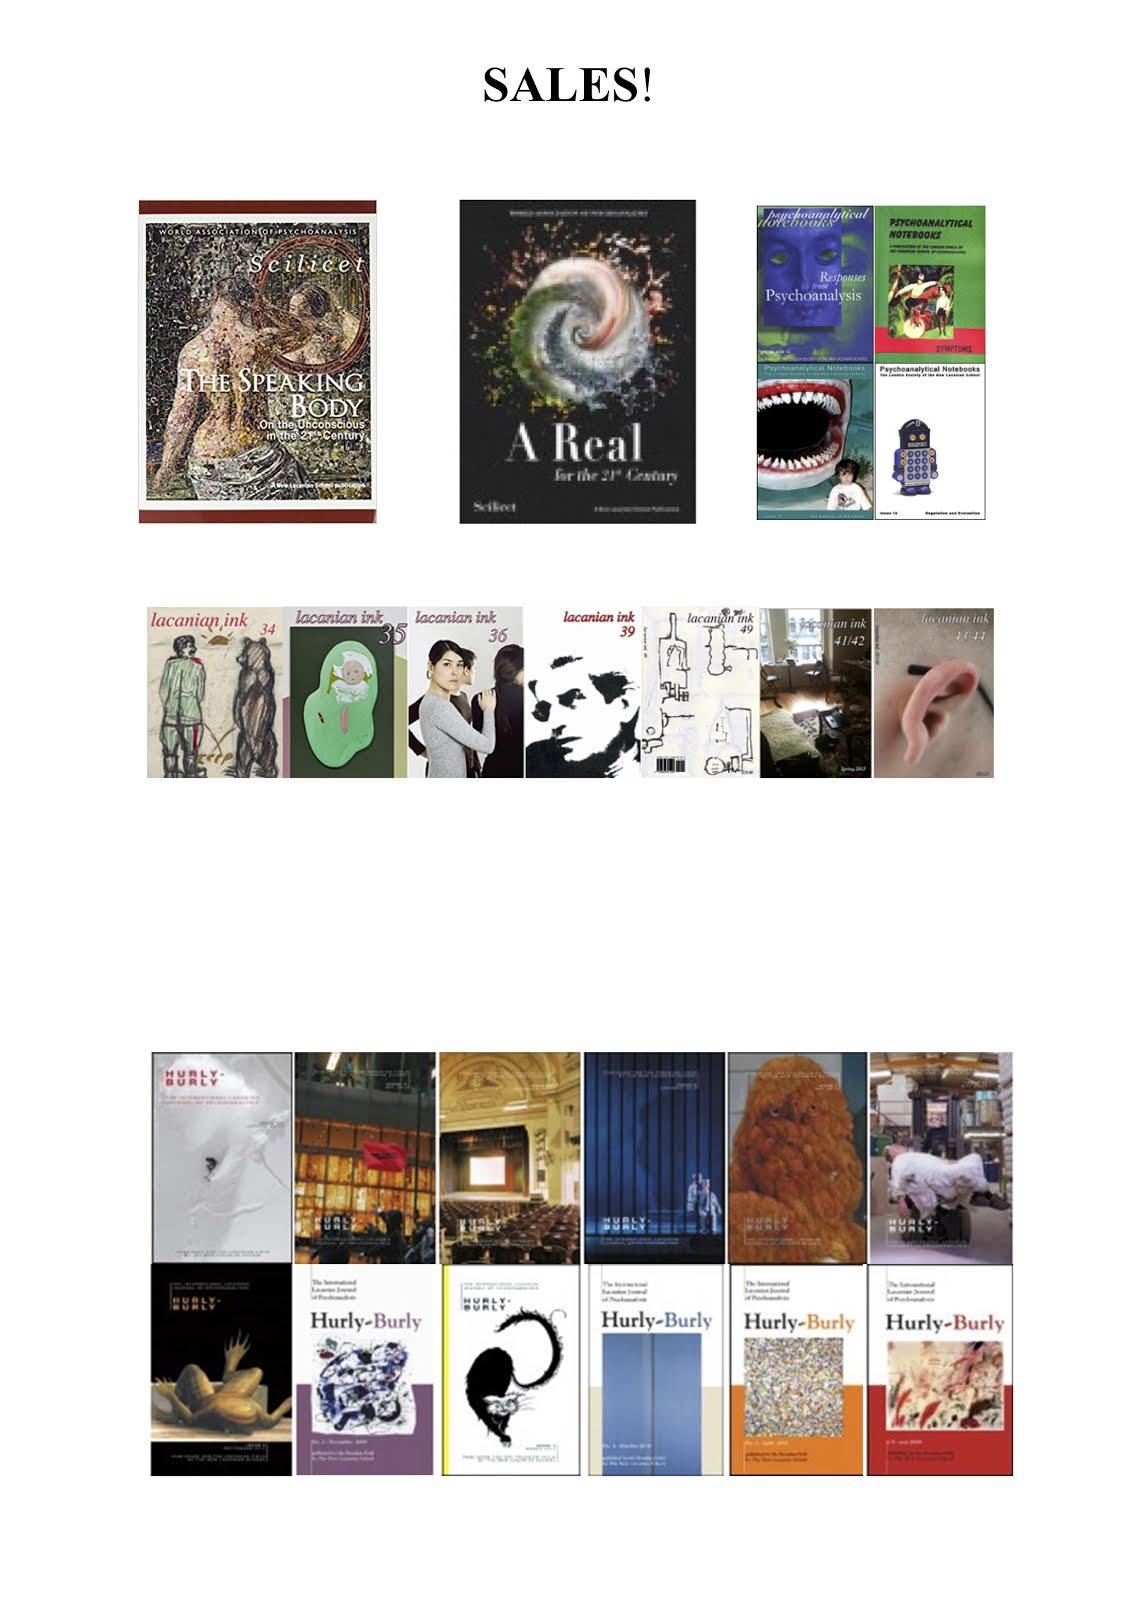 http://www.ecf-echoppe.com/index.php/catalogue-produits/toutes-les-revues/hurly-burly.html?p=3